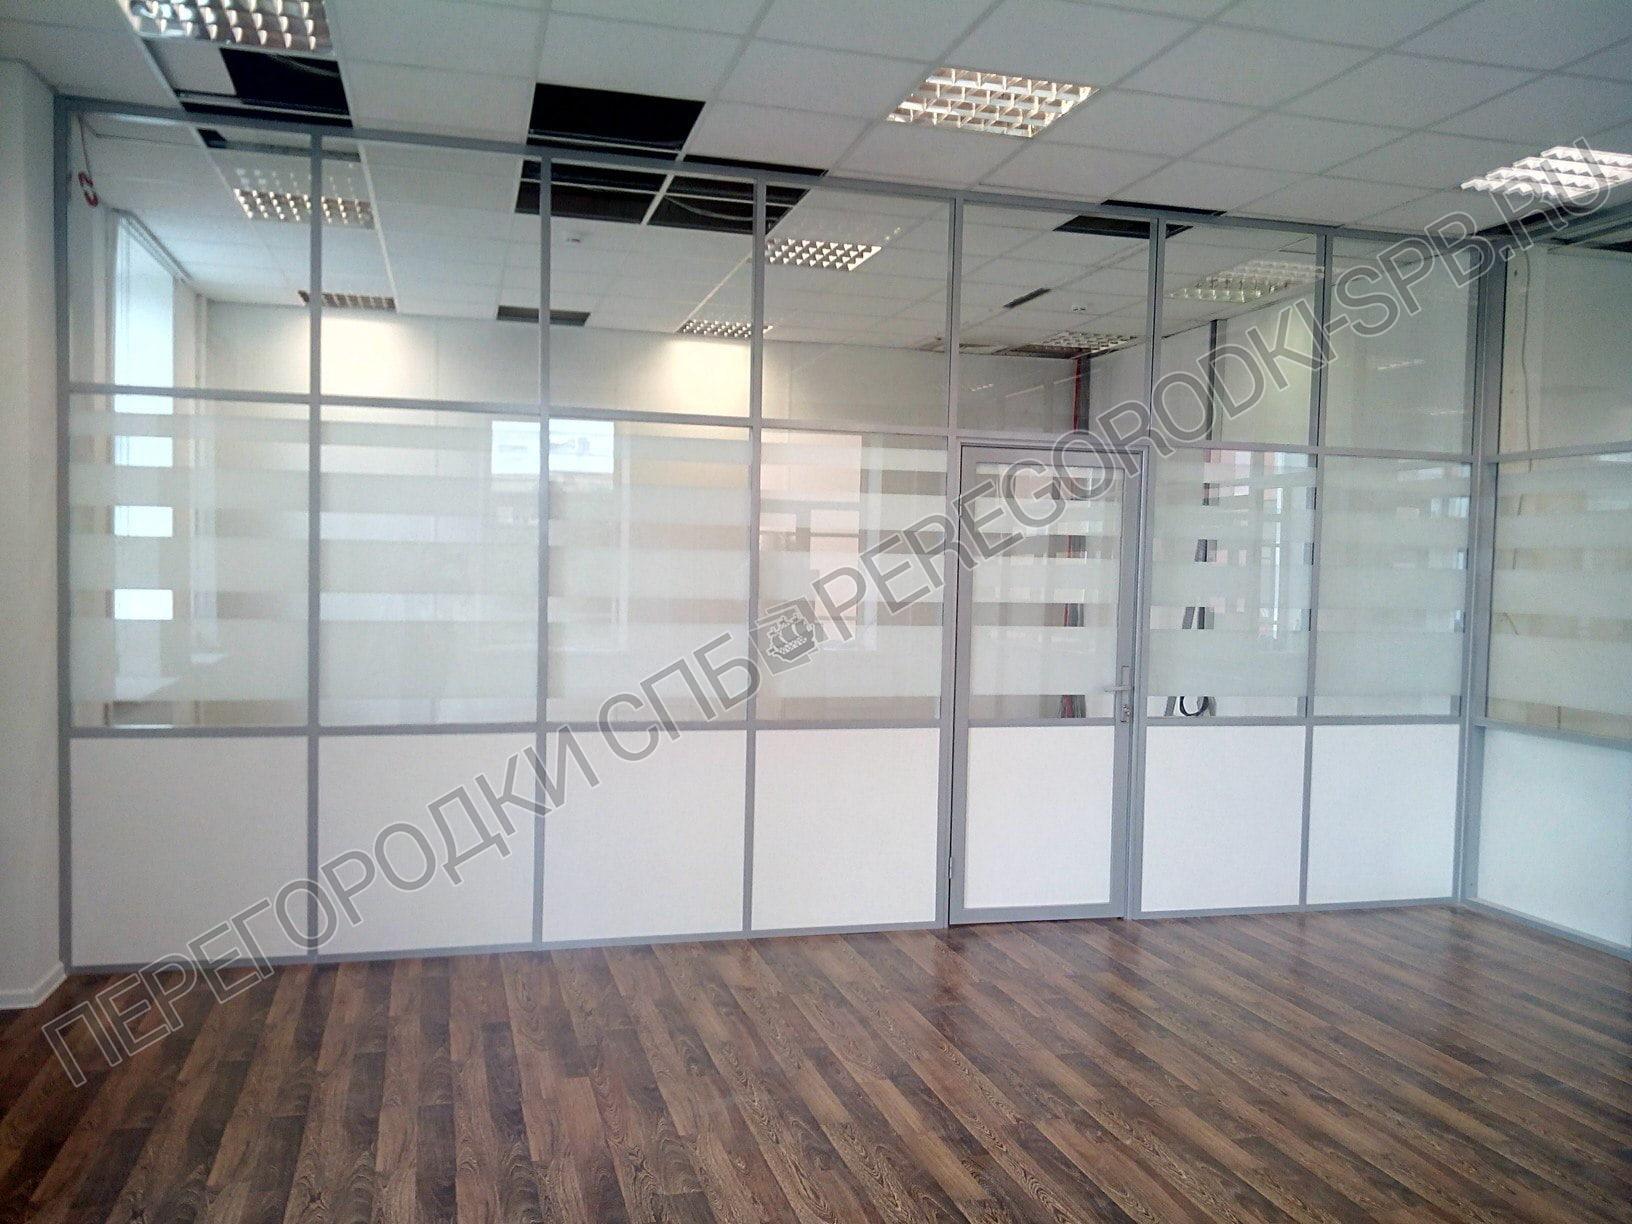 Стационарные офисные перегородки в офис Таксовичкоф-3